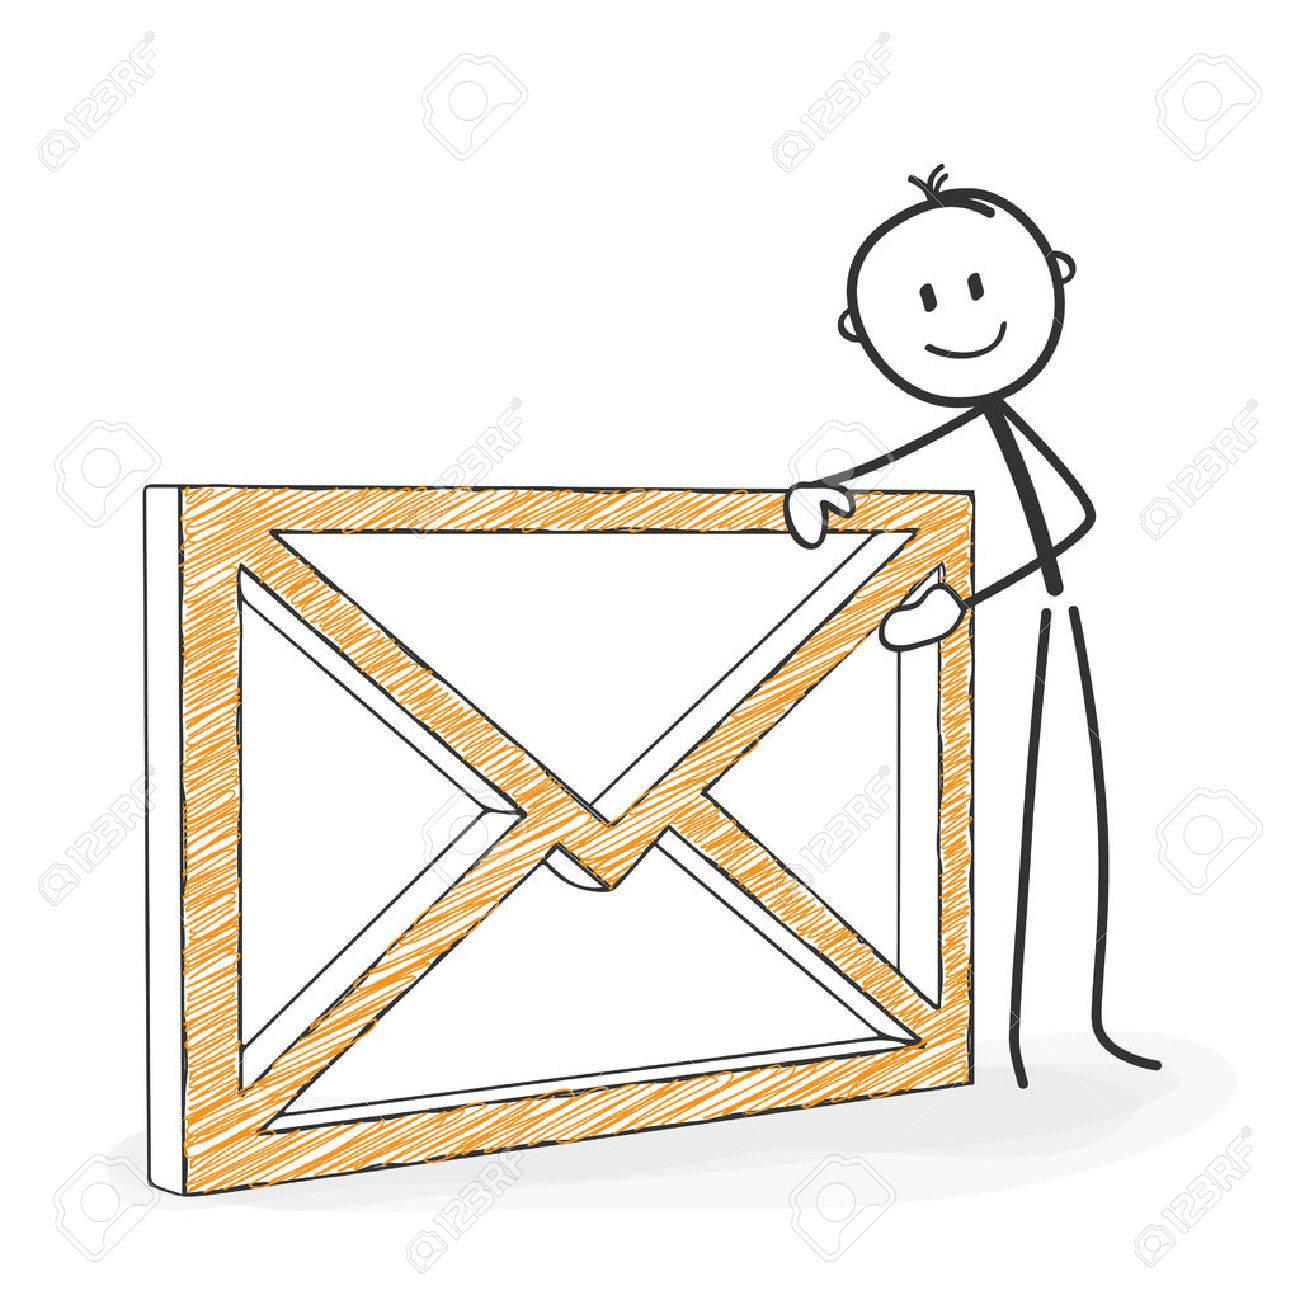 Dessin D Enveloppe chiffre de bâton en action - stickman avec une icône d'enveloppe